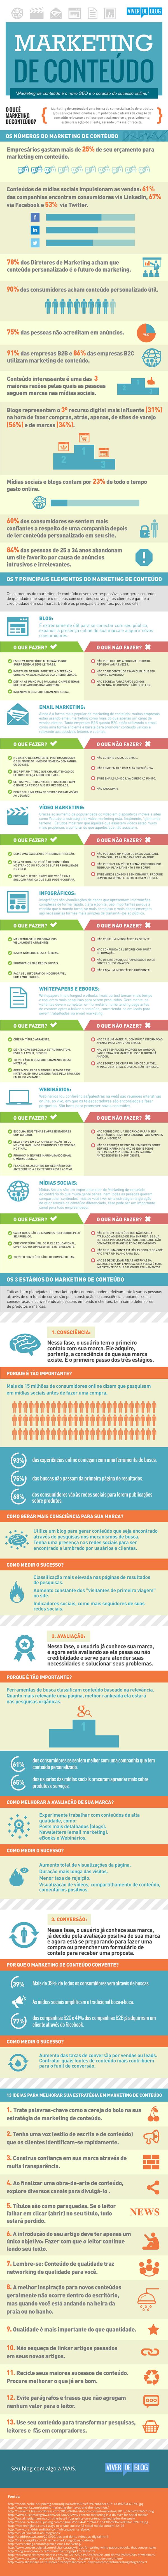 Marketing de Conteúdo 600 [Infográfico] Marketing de Conteúdo: O Gigante que Ainda Não Acordou